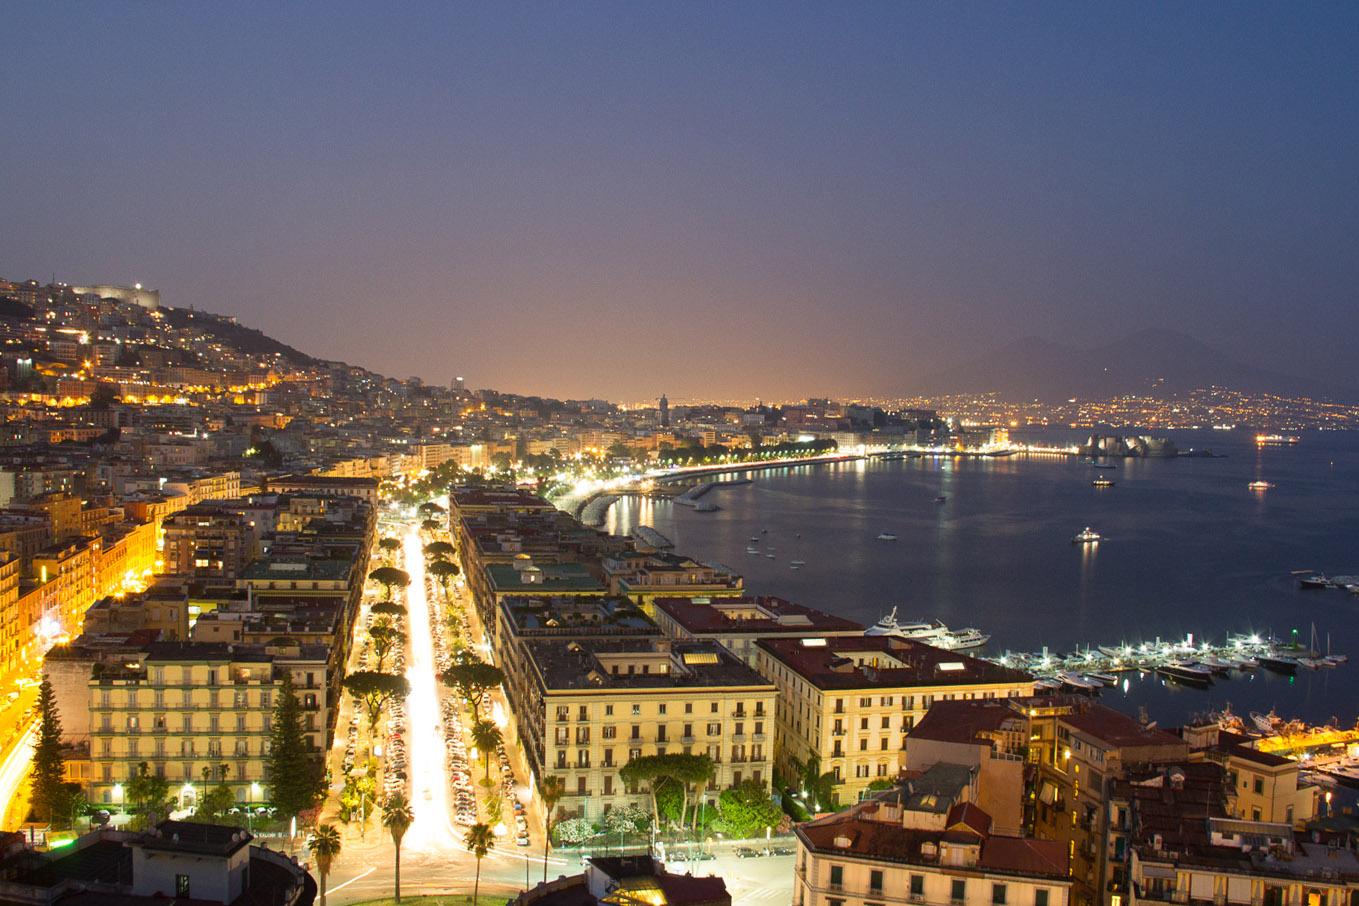 camilla-cheade-Roma e Napoli-22 foto noturna